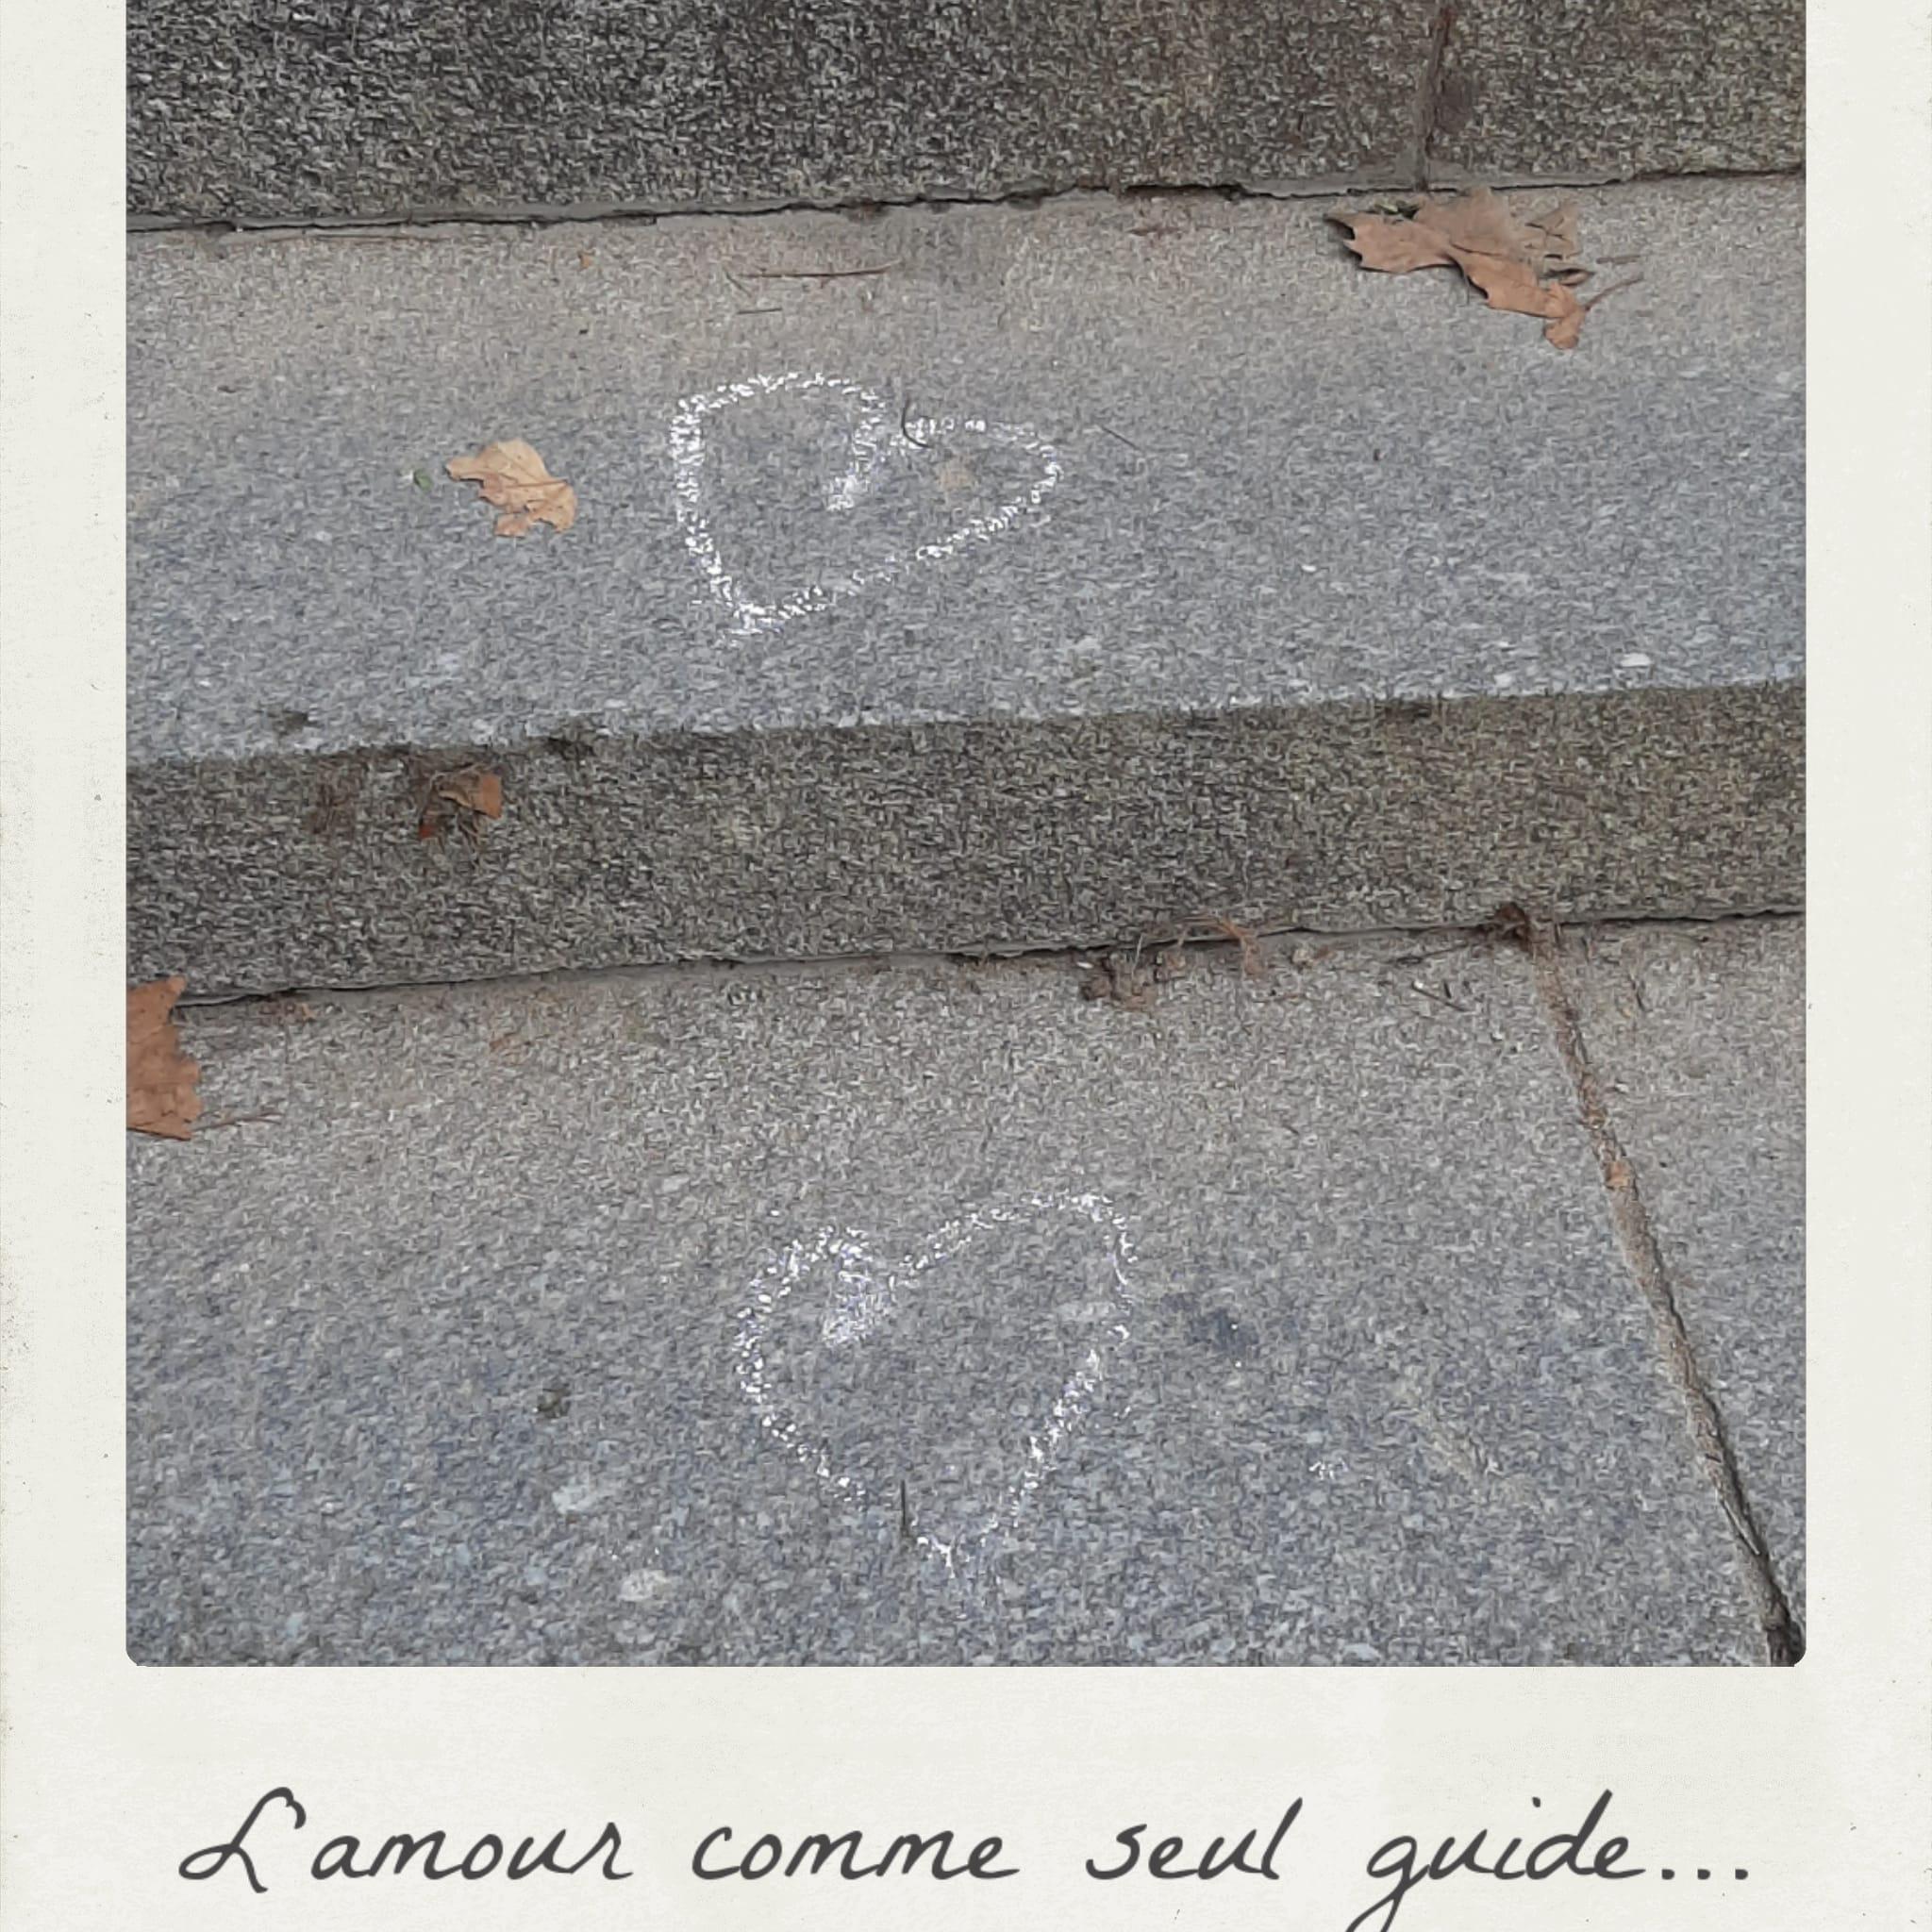 L'amour comme seul guide Lili Saint Laurent © 2020